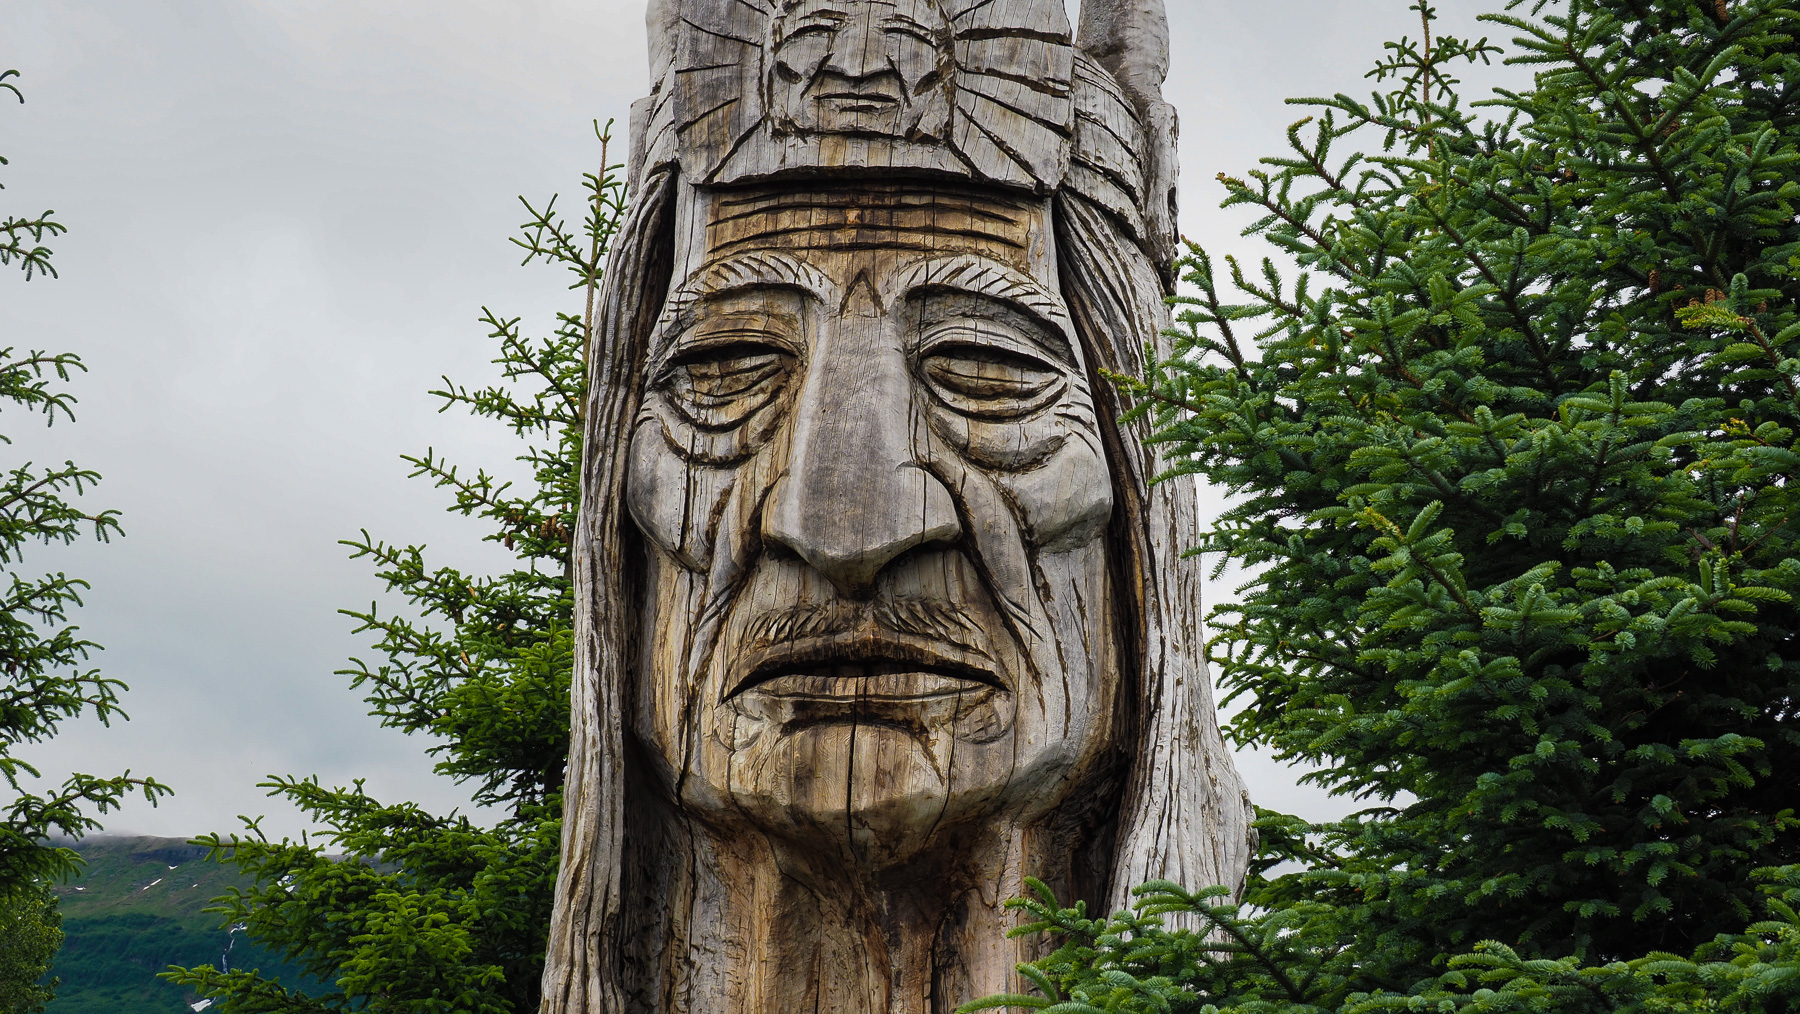 Indianerhäuptling, eine besonders schöne Schnitzerei in Valdez